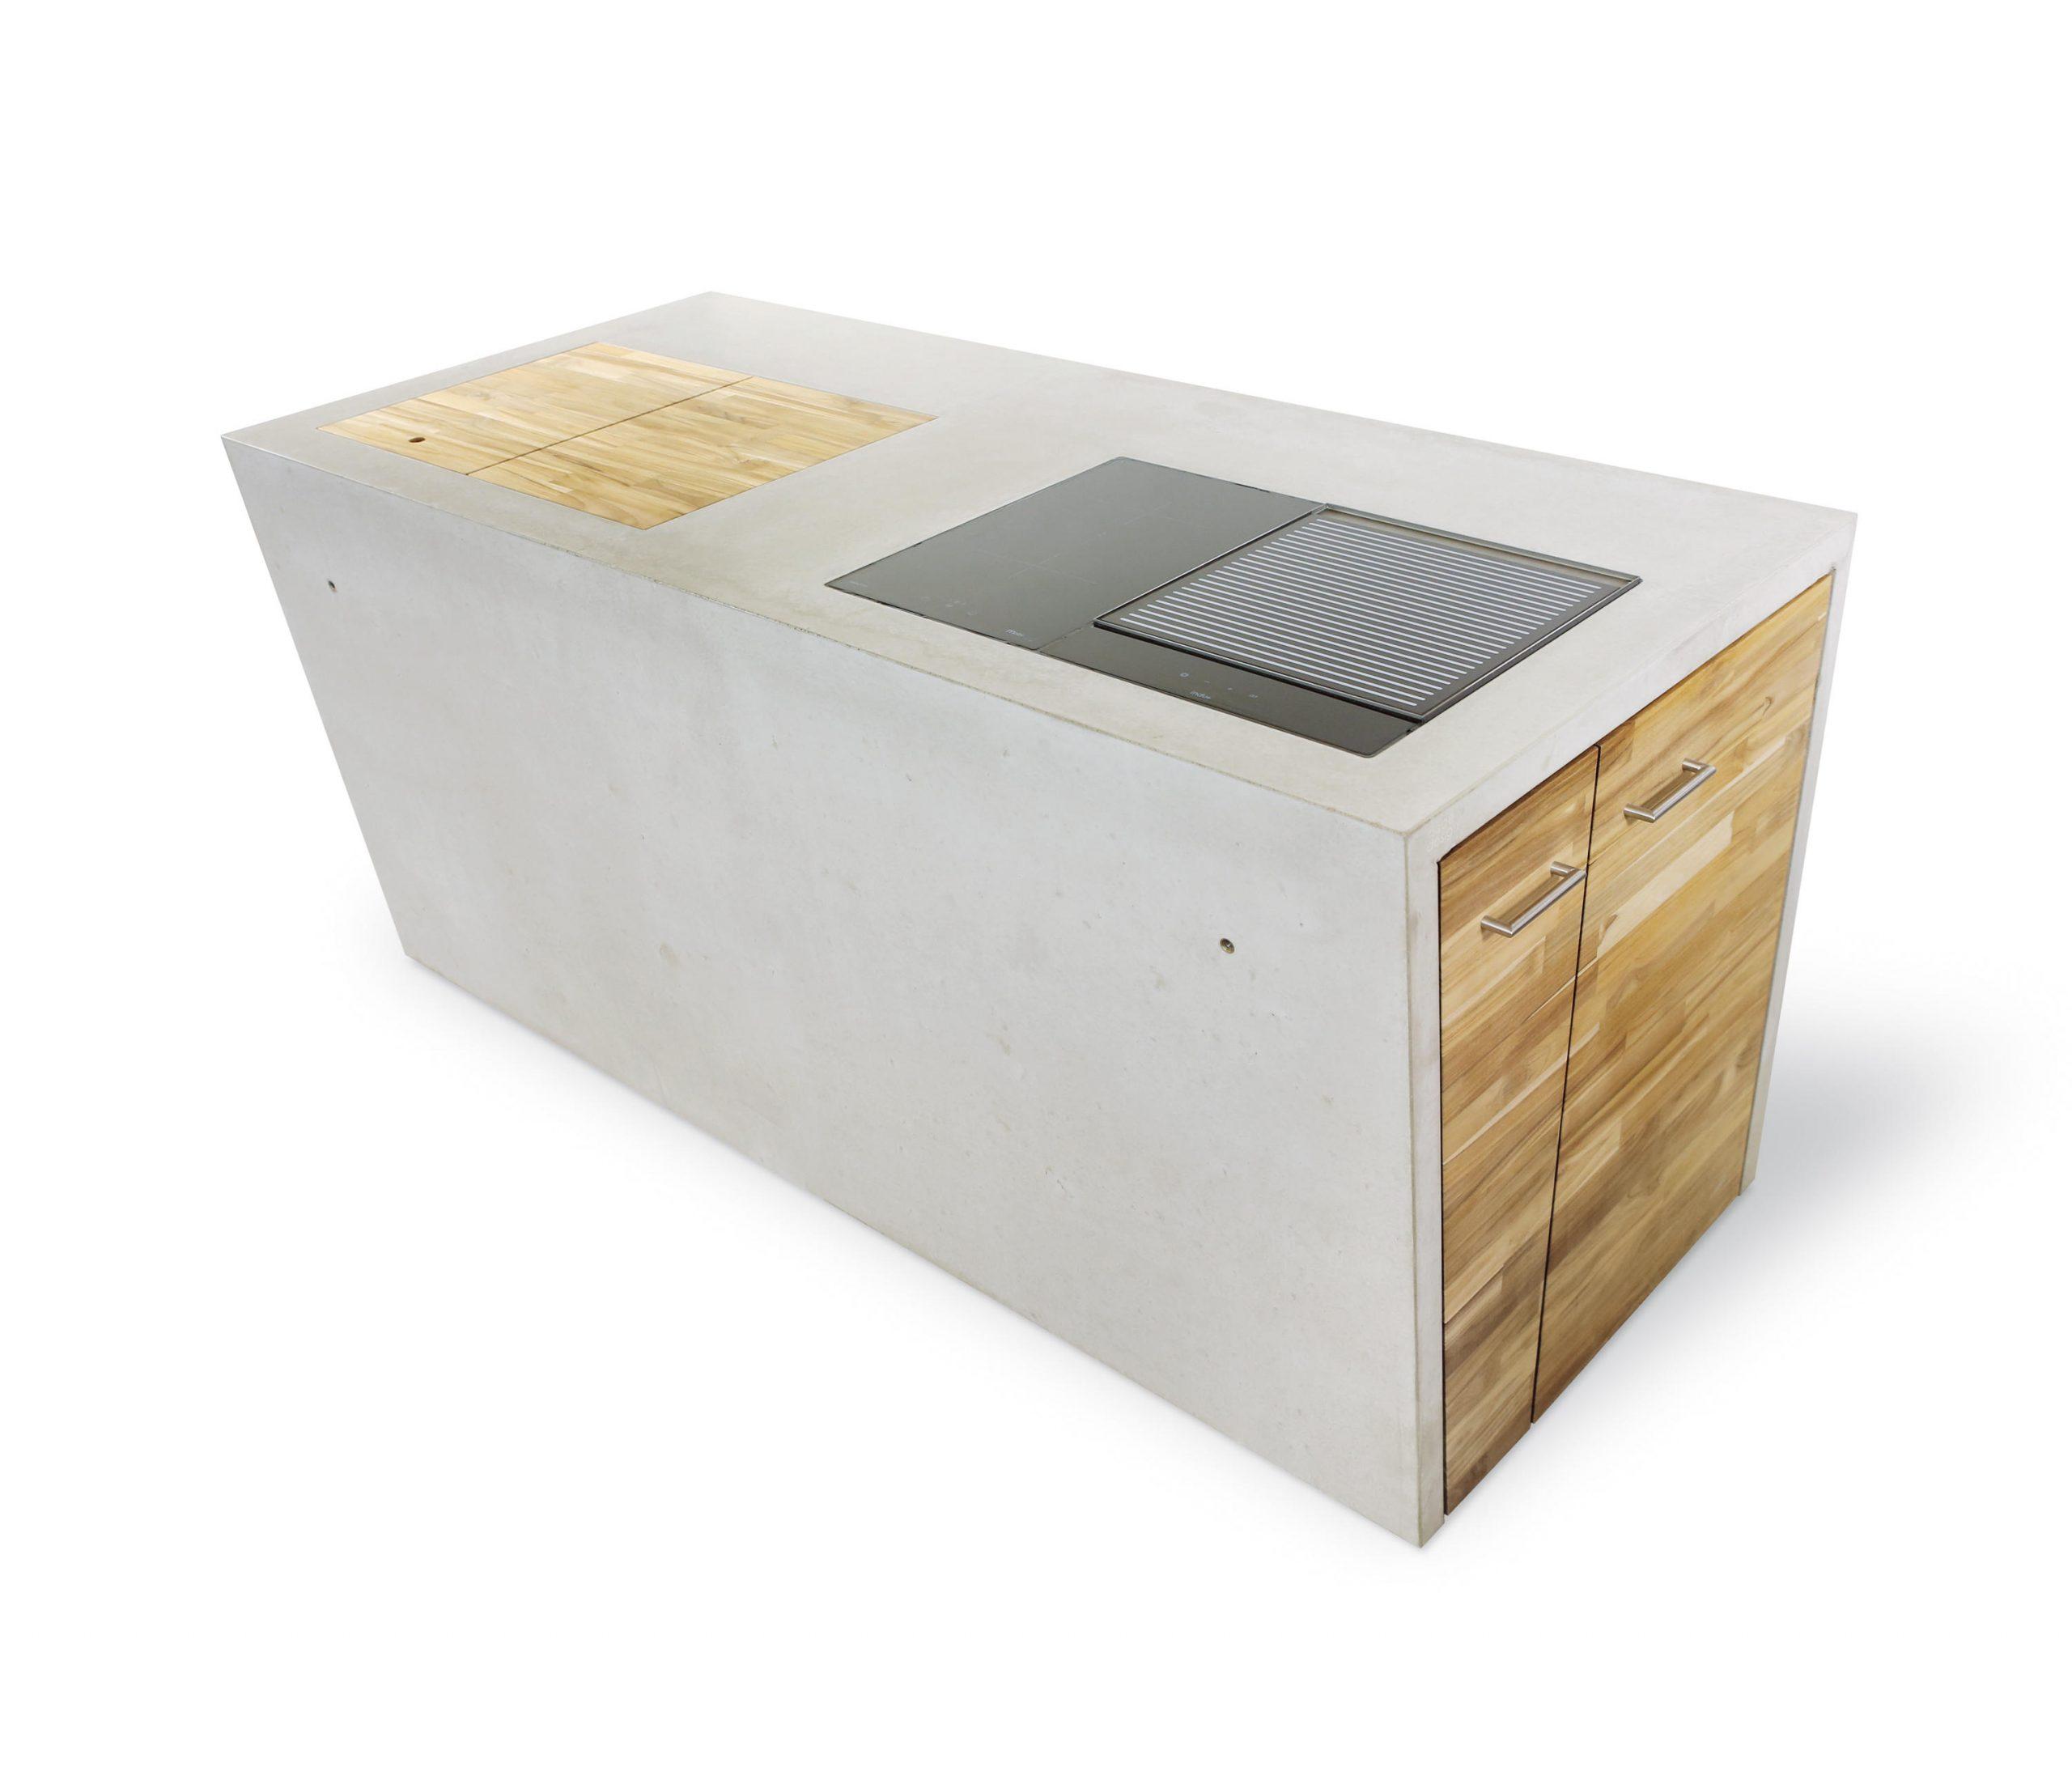 Full Size of The Concrete Outdoor Kche Architonic Küche Salamander Vinylboden Einbauküche Ohne Kühlschrank Spüle Beistellregal U Form Mit Theke Tapete Einzelschränke Wohnzimmer Outdoor Küche Beton